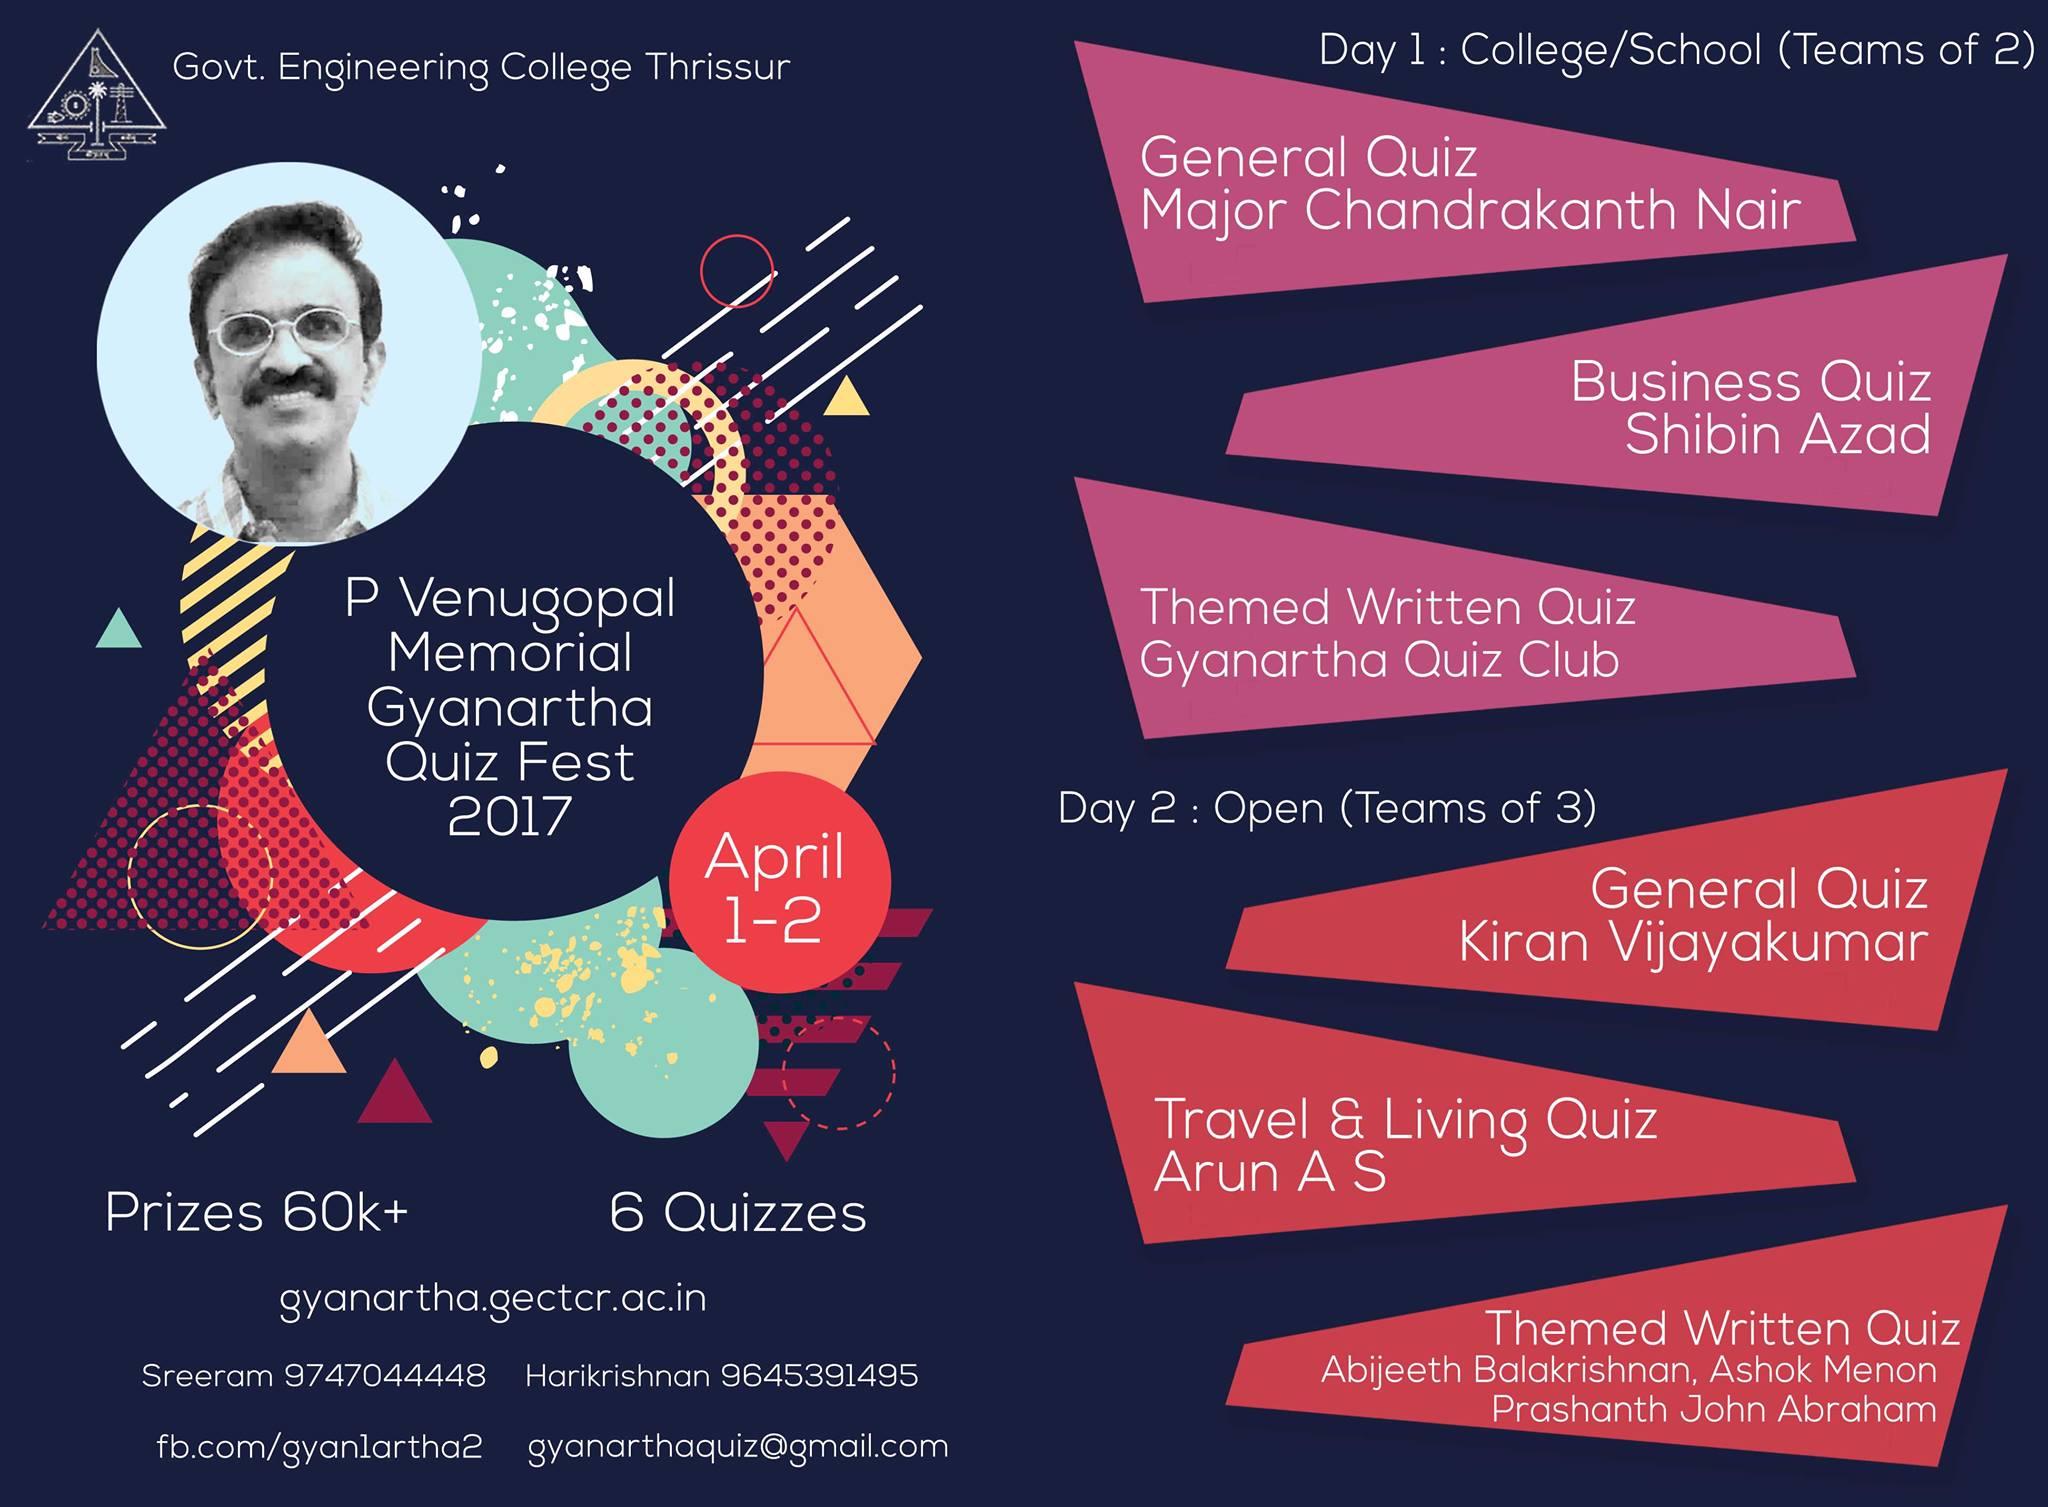 P Venugopal Memorial Gyanartha Quiz Fest 2017 in Thrissur from April 1-2, 2017